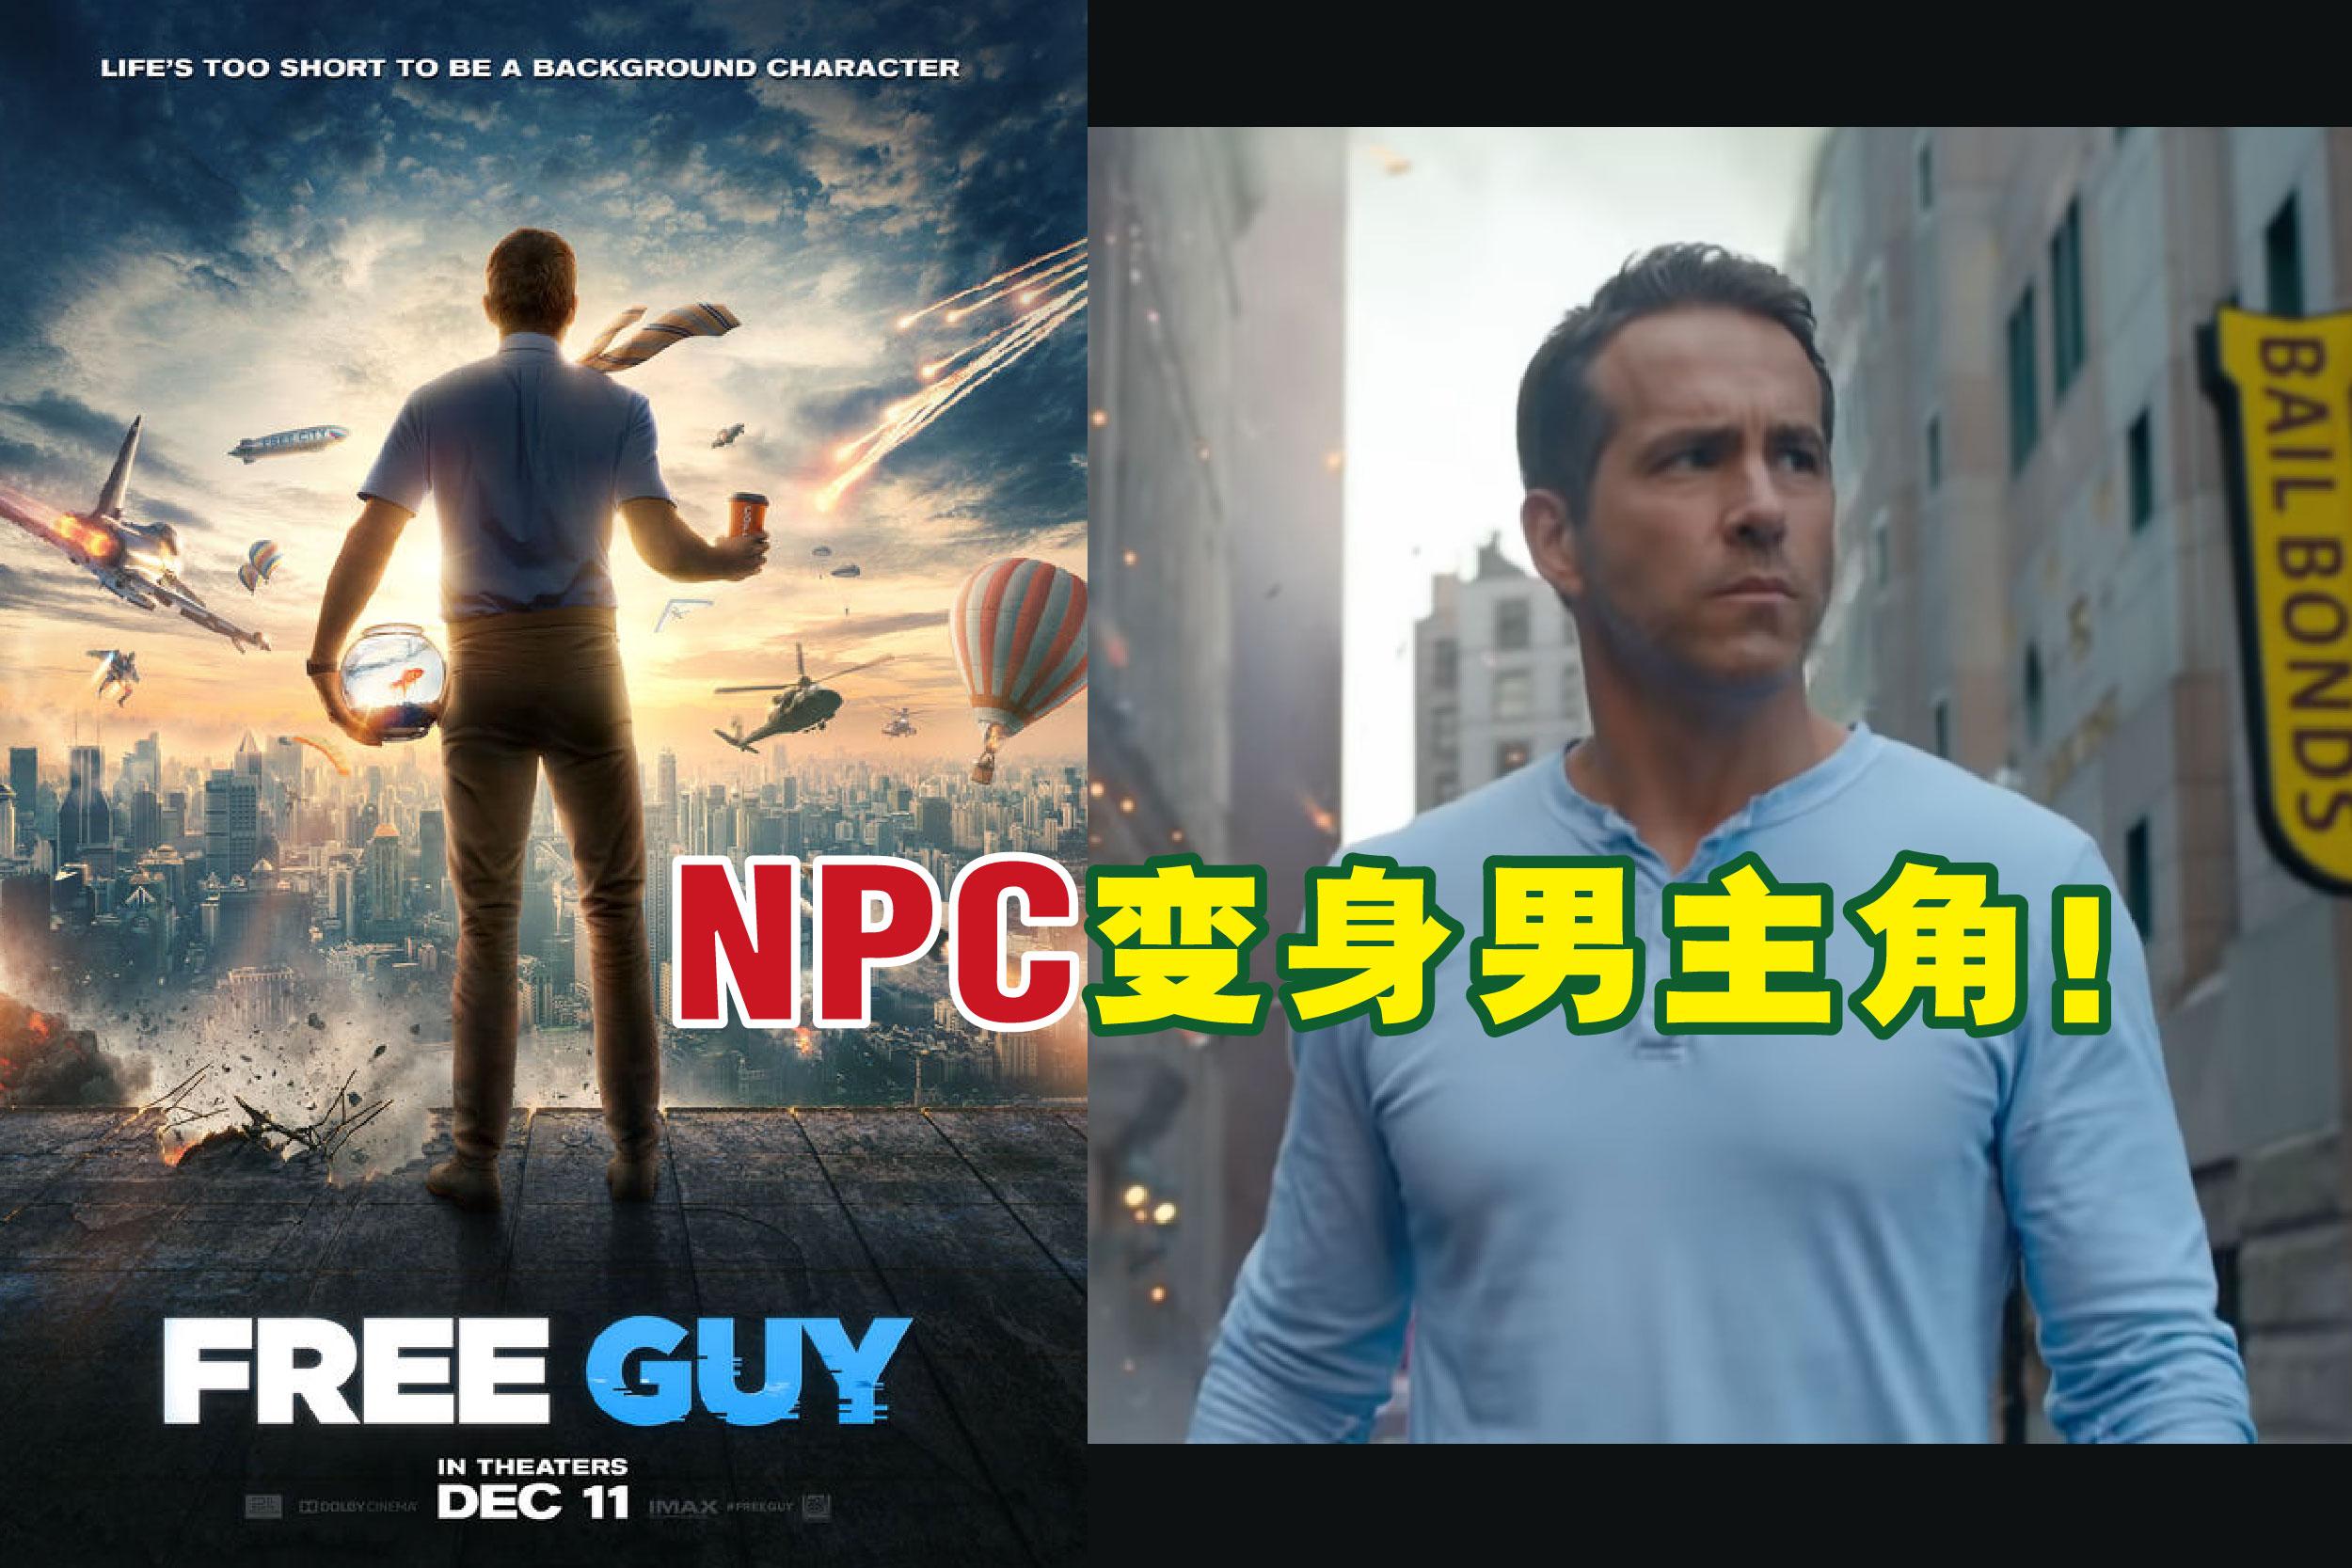 《Free Guy》原定于2020年7月3日在美国上映,但受疫情影响,而展延至2020年12月11日上映。-图片摘自网络,精彩大马制图-